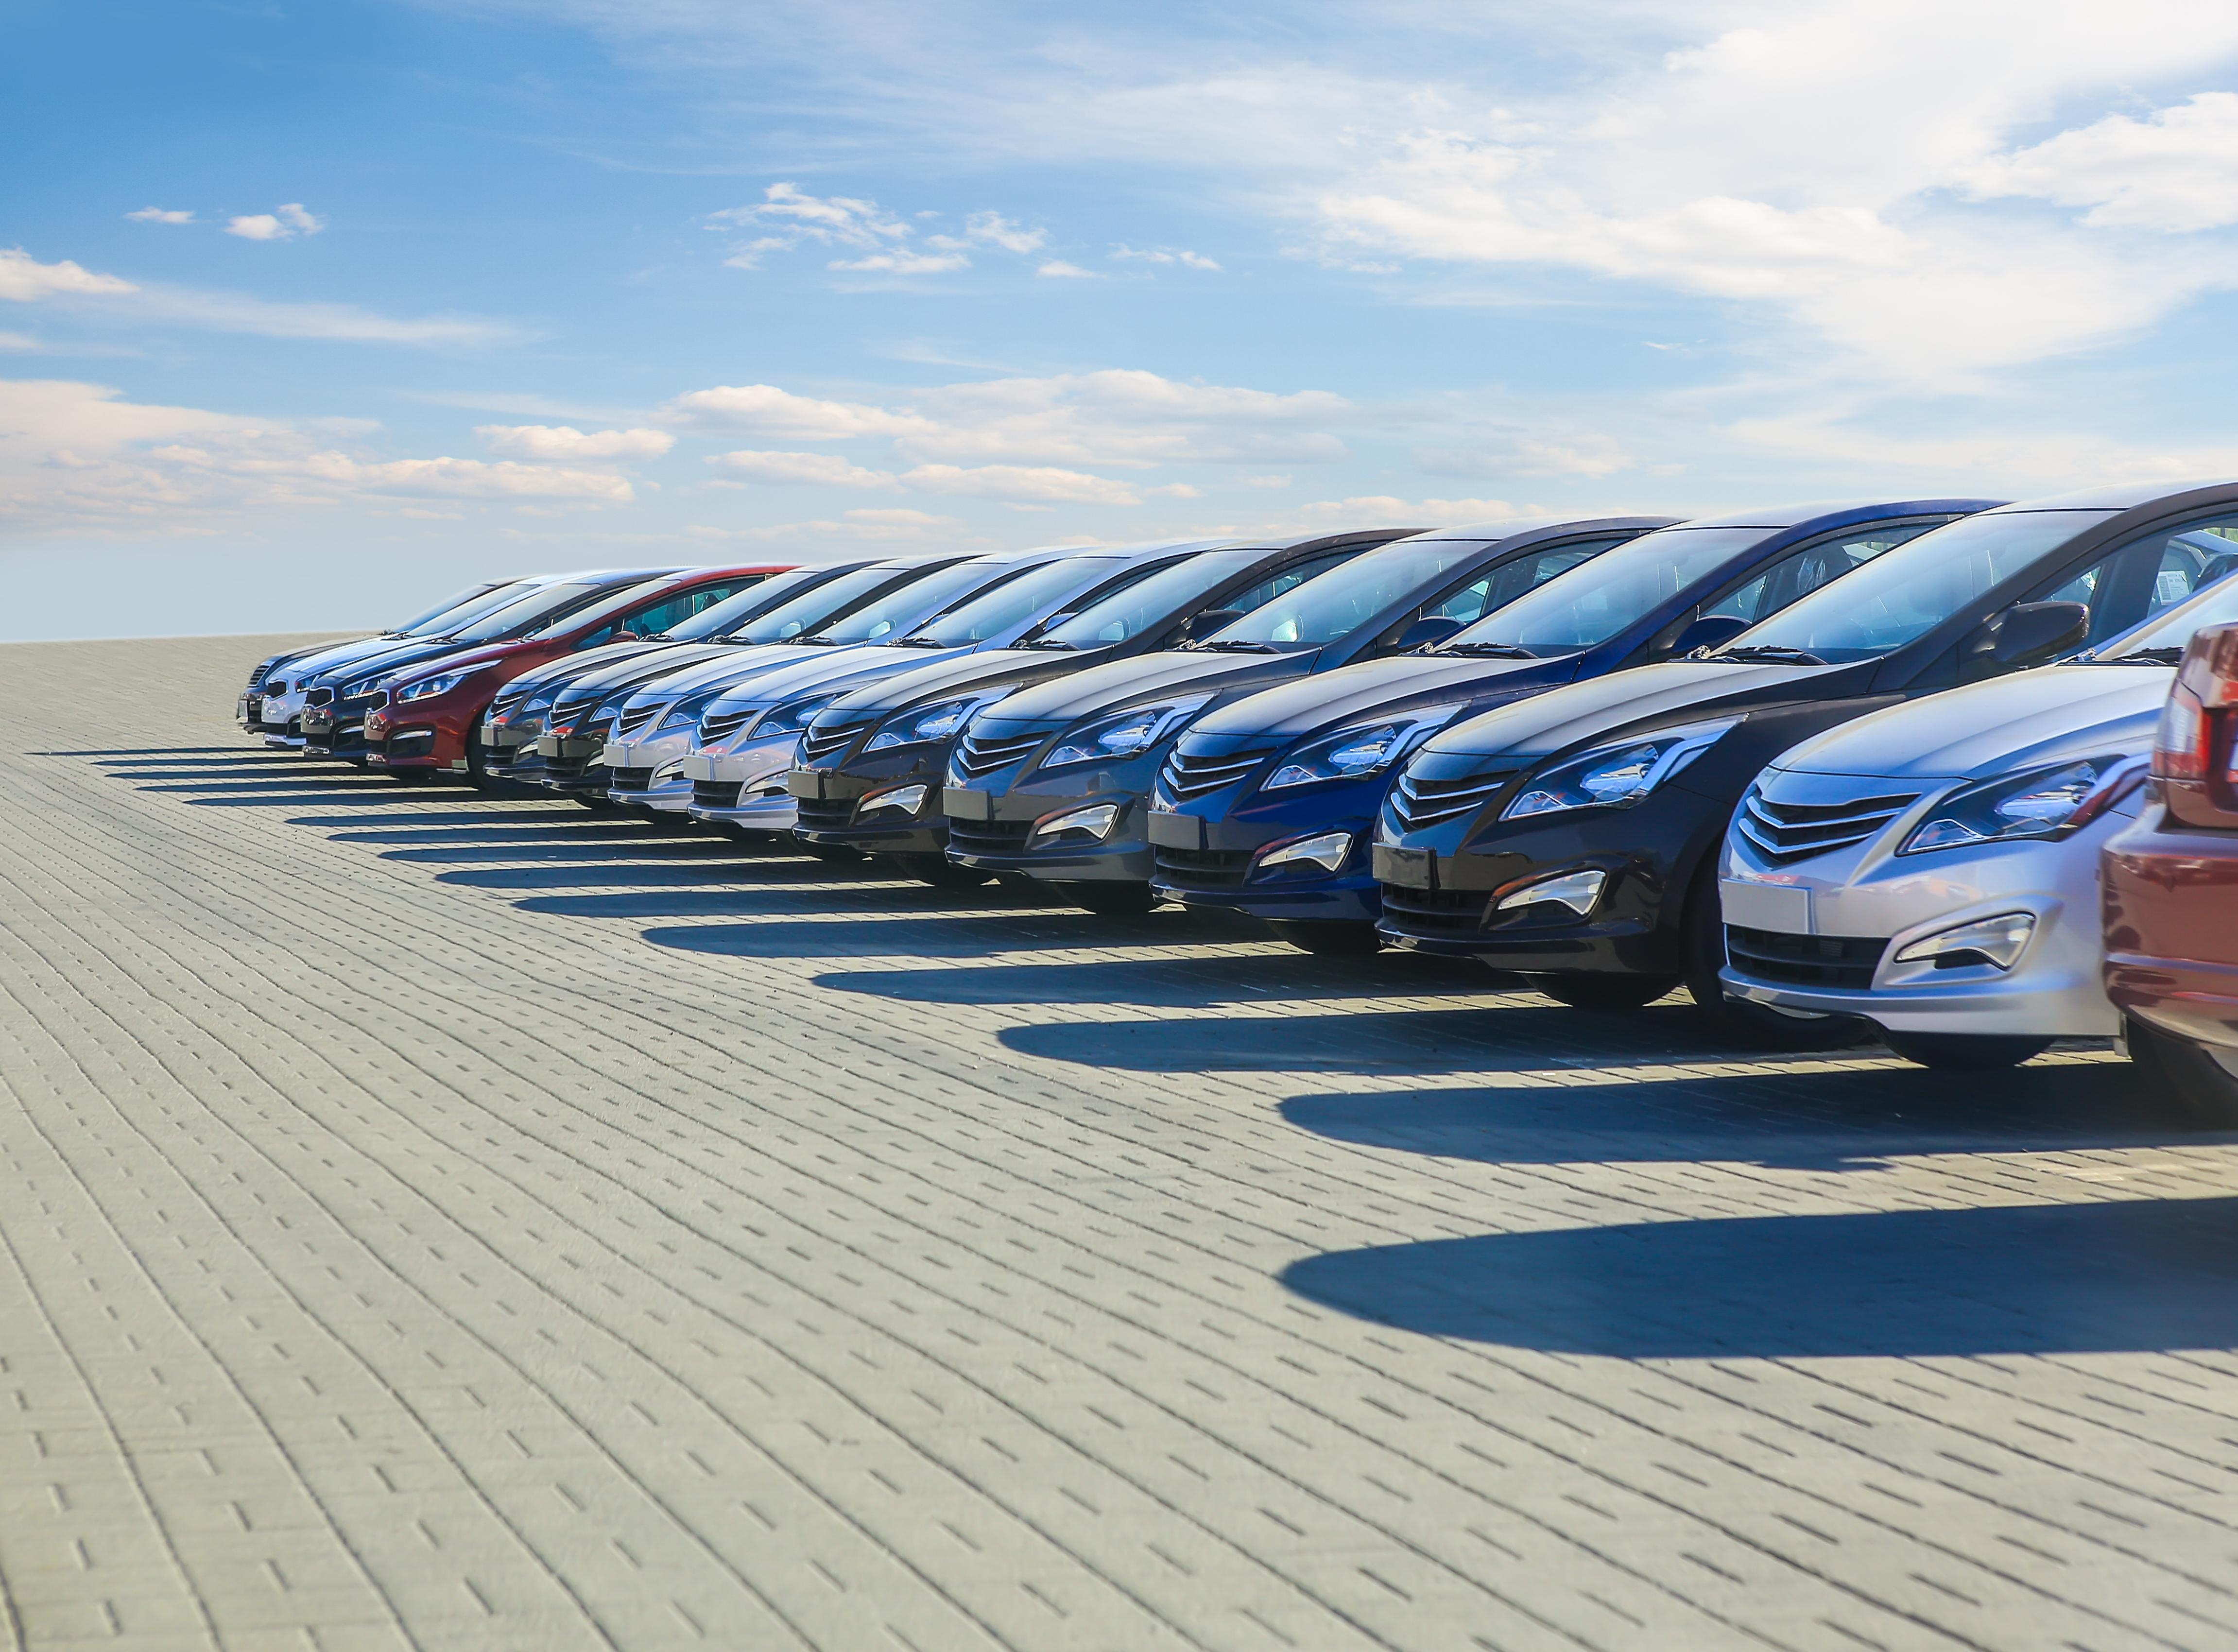 Volkswagen cars in row